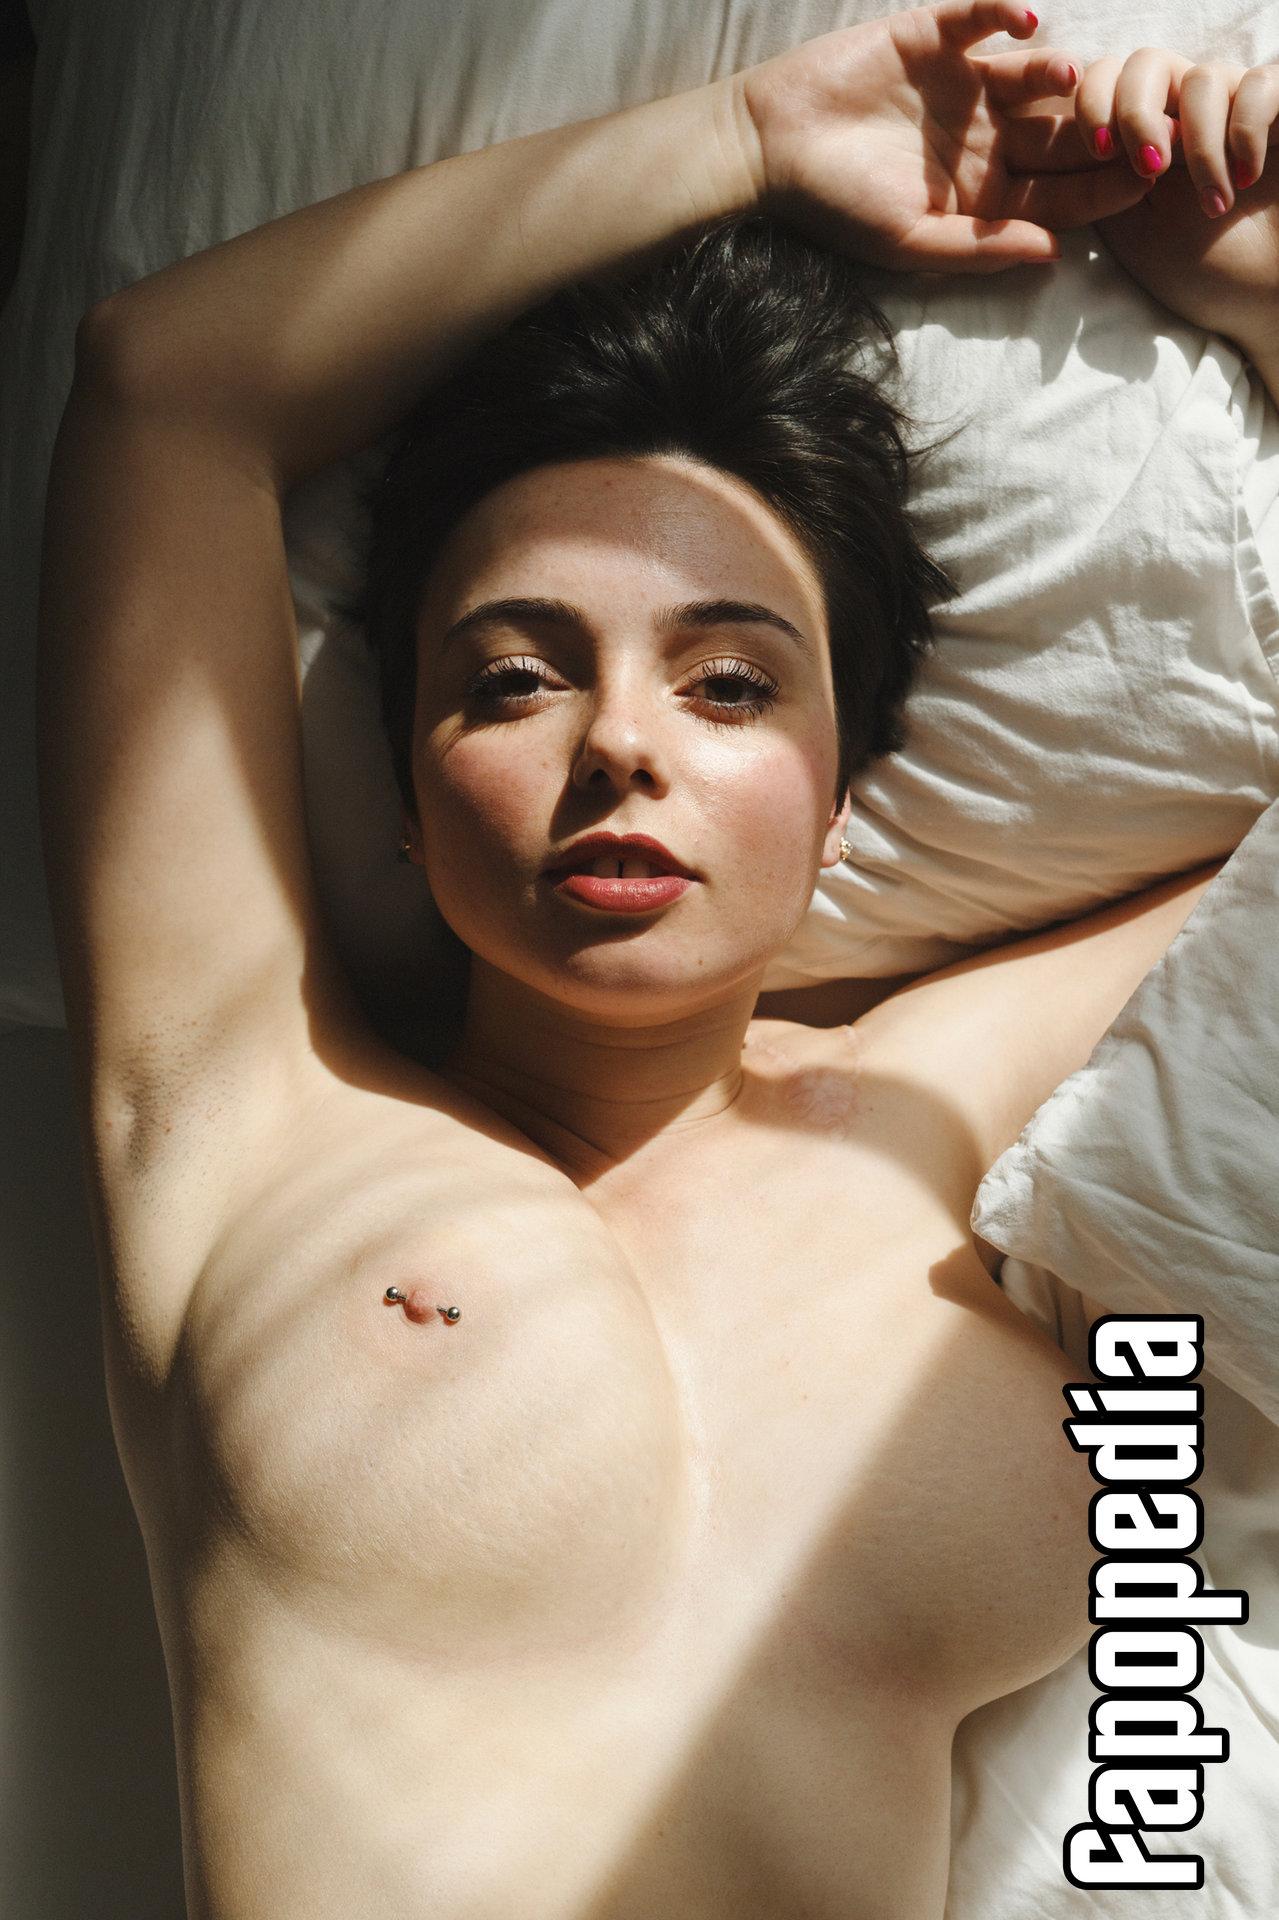 Tschurtschenthaler Franziska nackt von Aktuelle Traueranzeigen